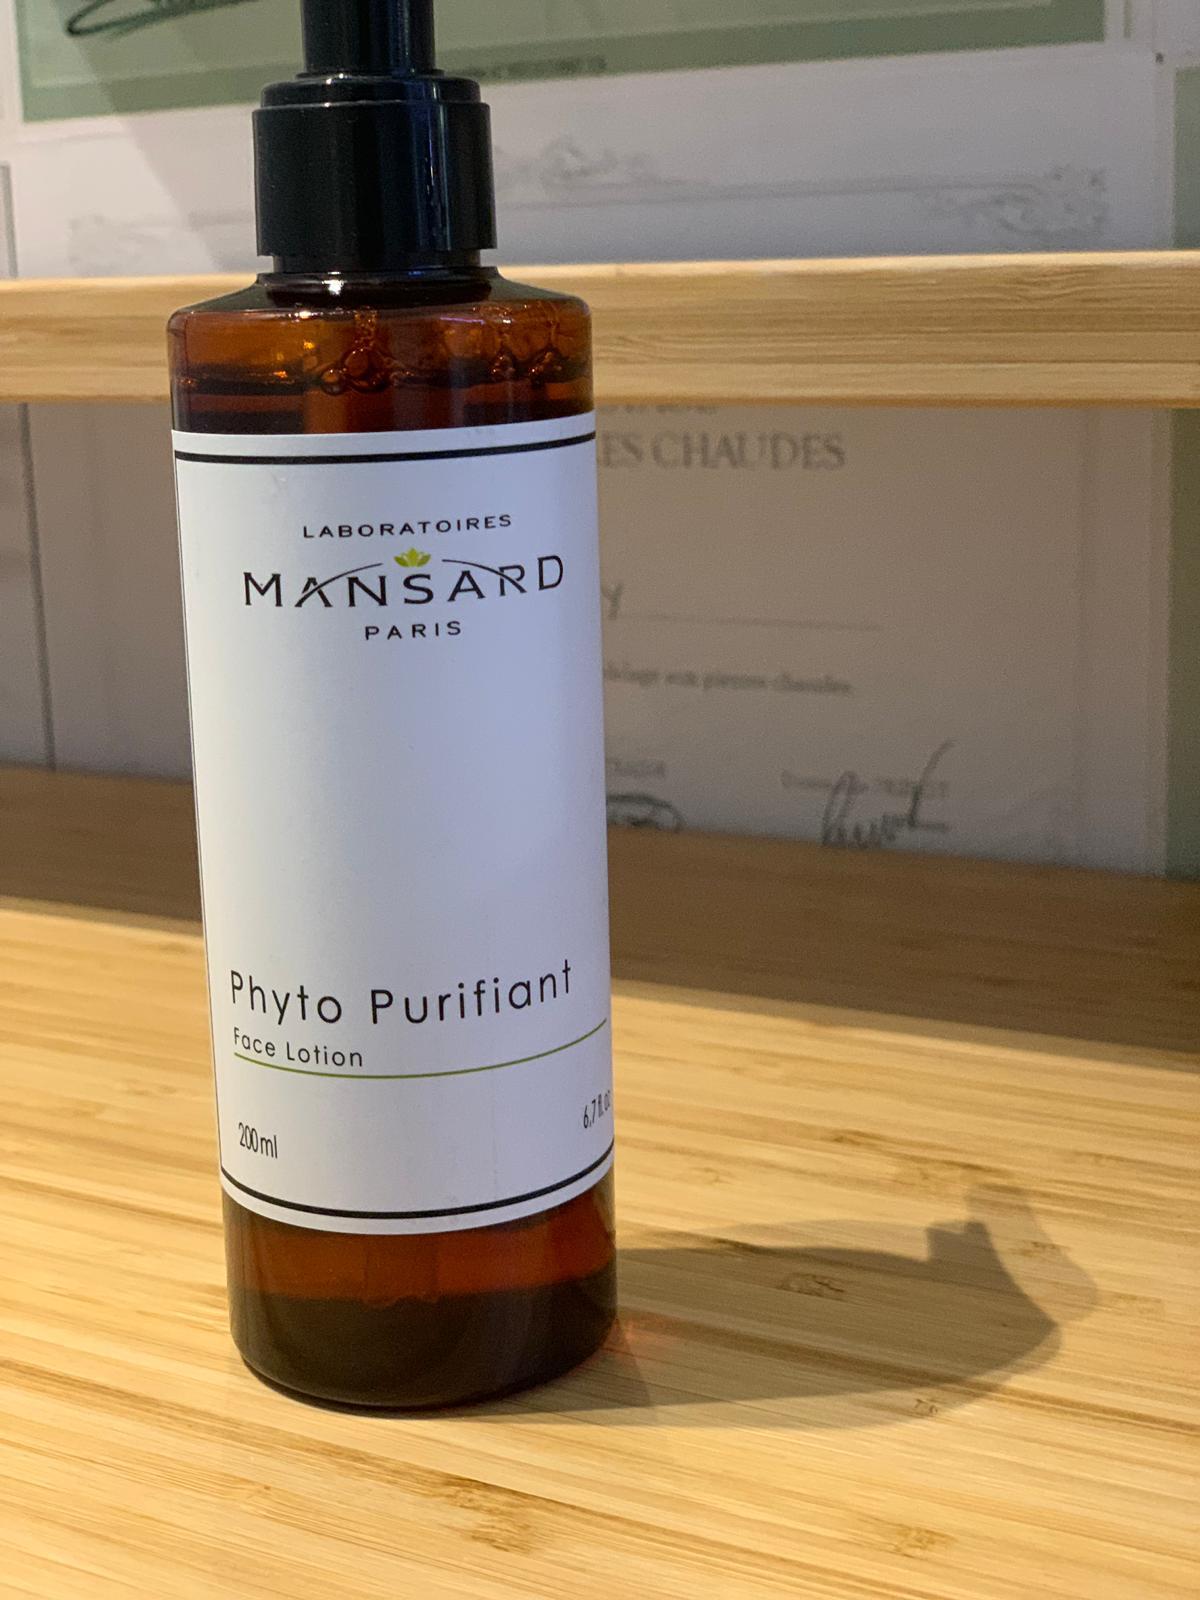 Phyto purifiant 24,50€